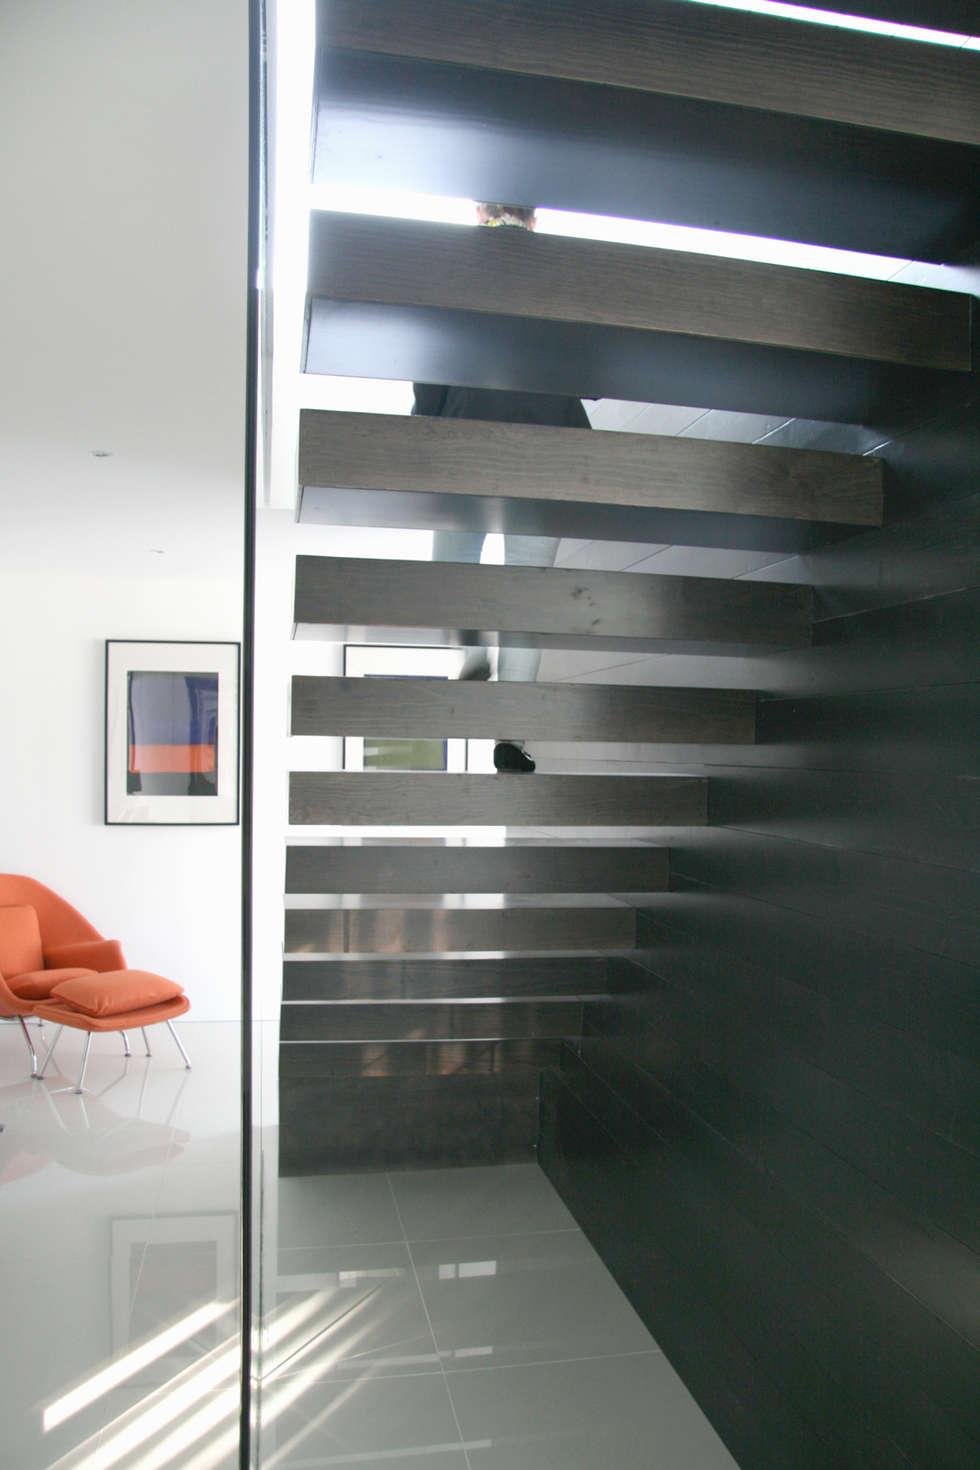 Casa Cláudia: Corredores e halls de entrada  por Artspazios, arquitectos e designers